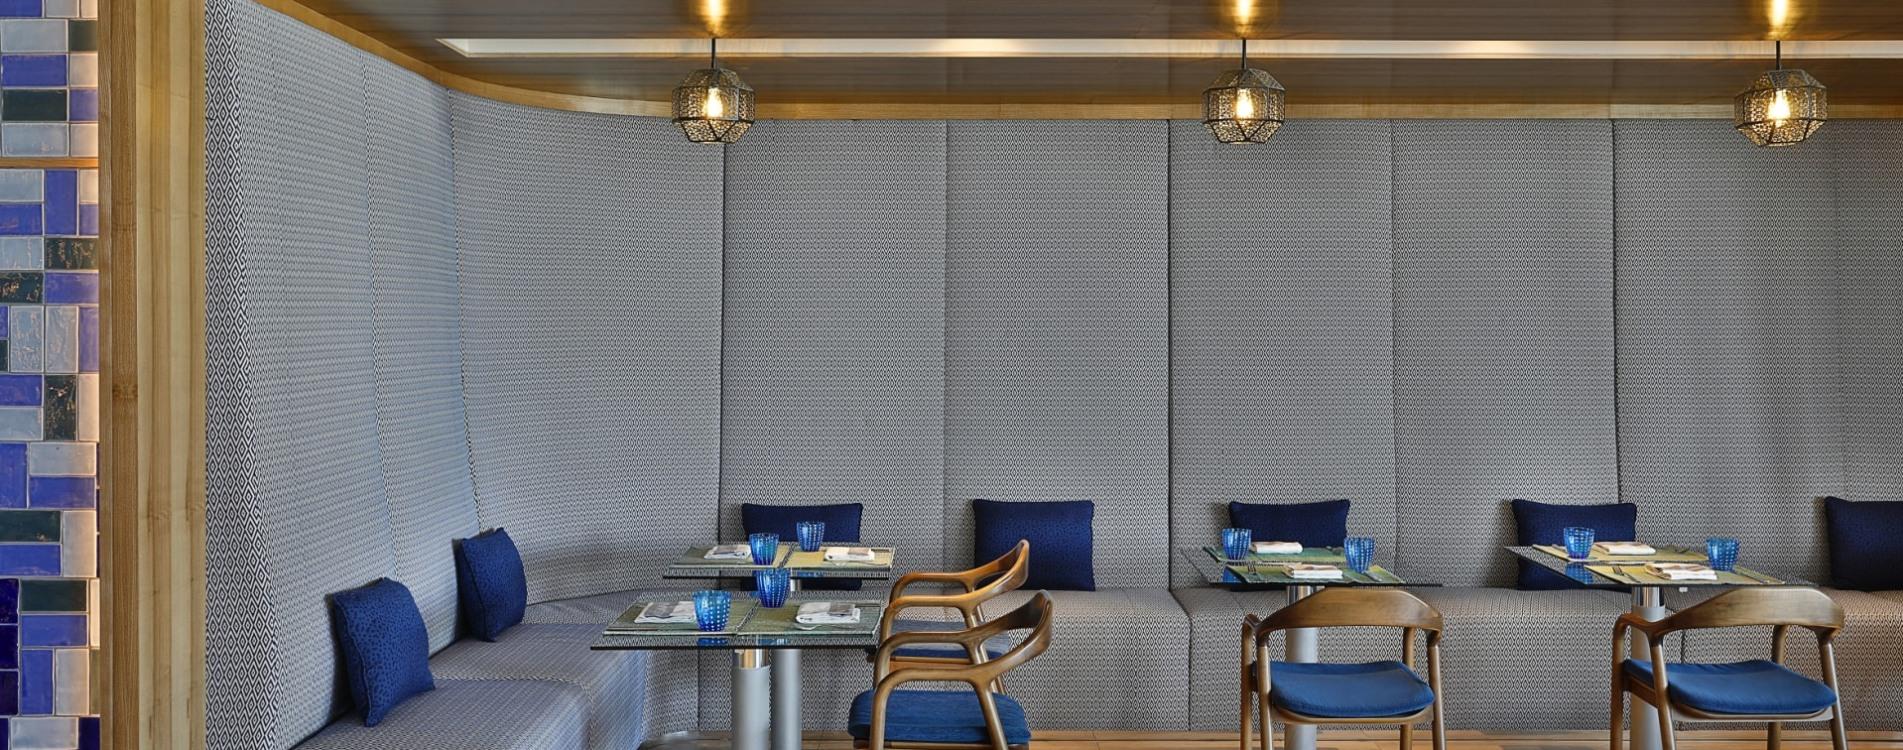 W-Muscat-Oman-Harvest-Restaurant-Interior.jpg